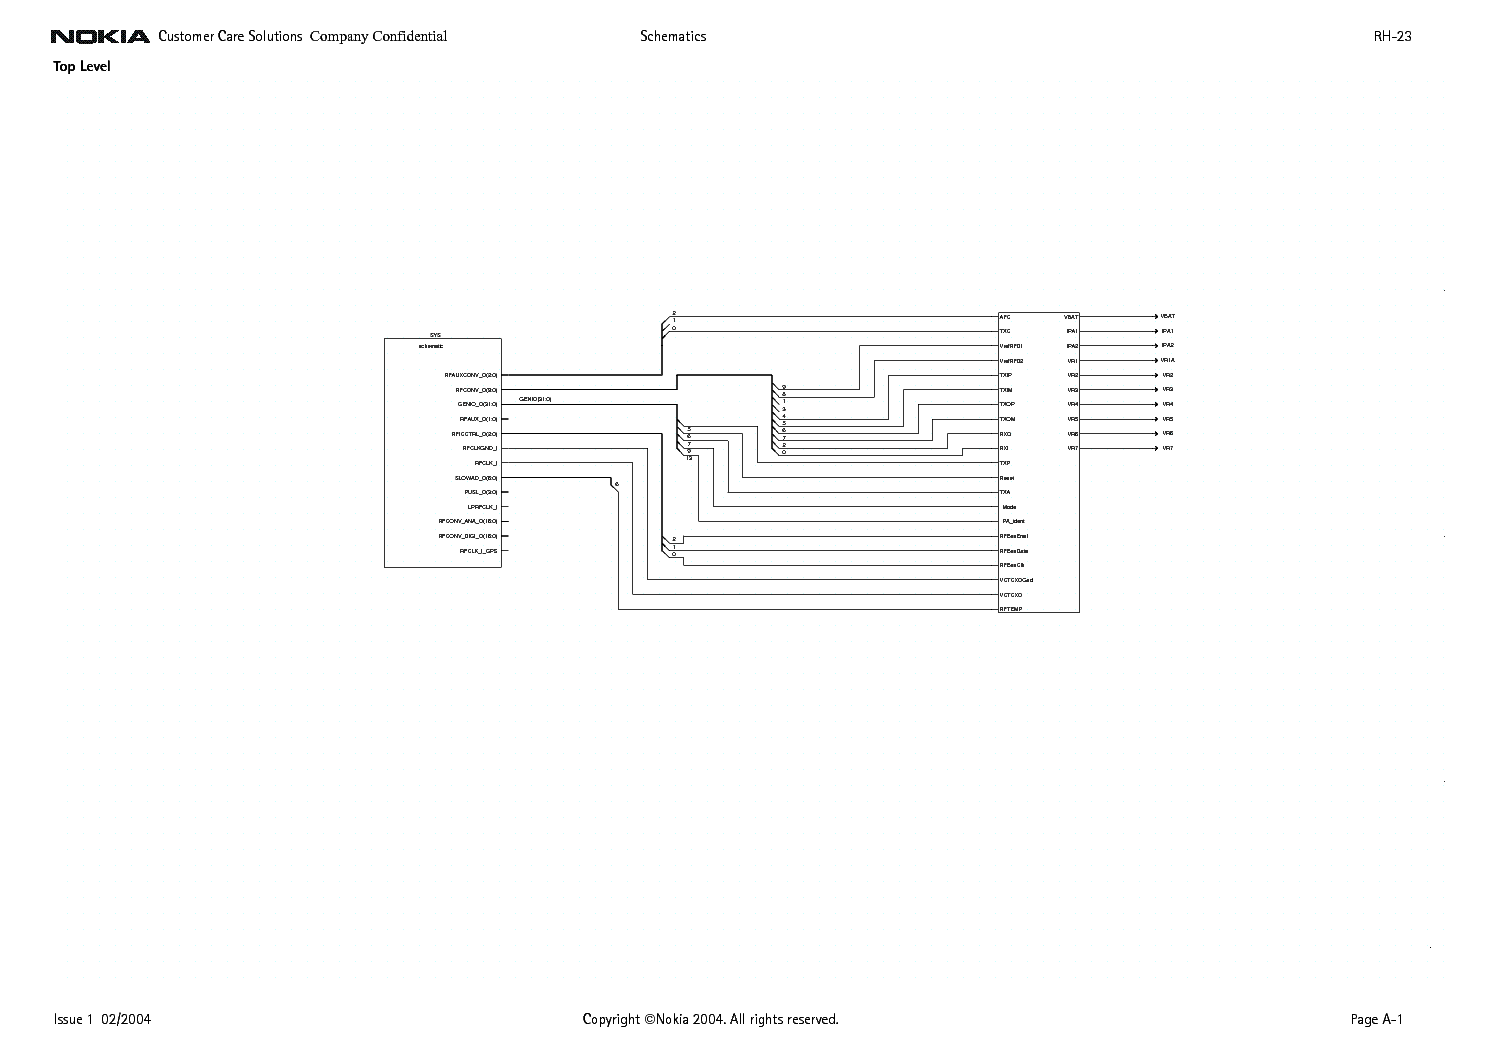 nokia 3310 nhm